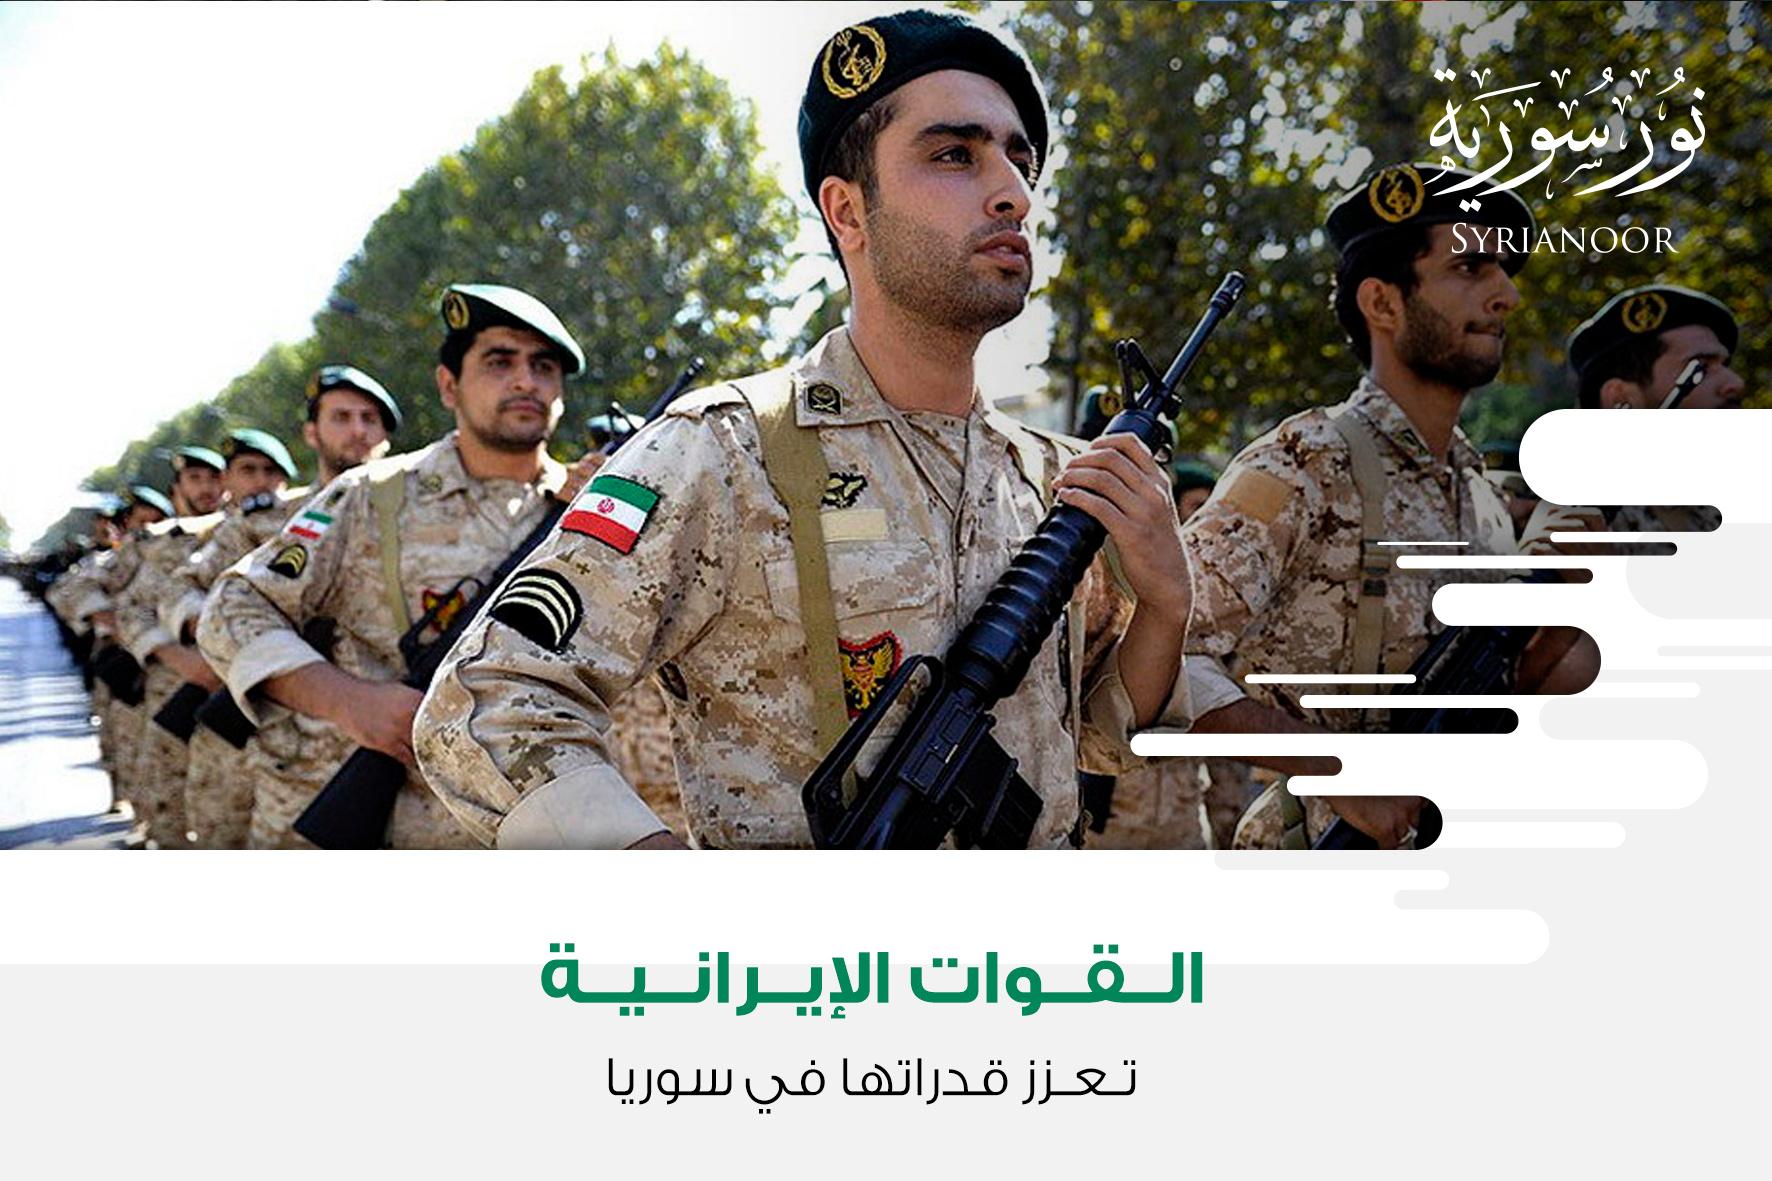 القوات الإيرانية تعزز قدراتها في سوريا